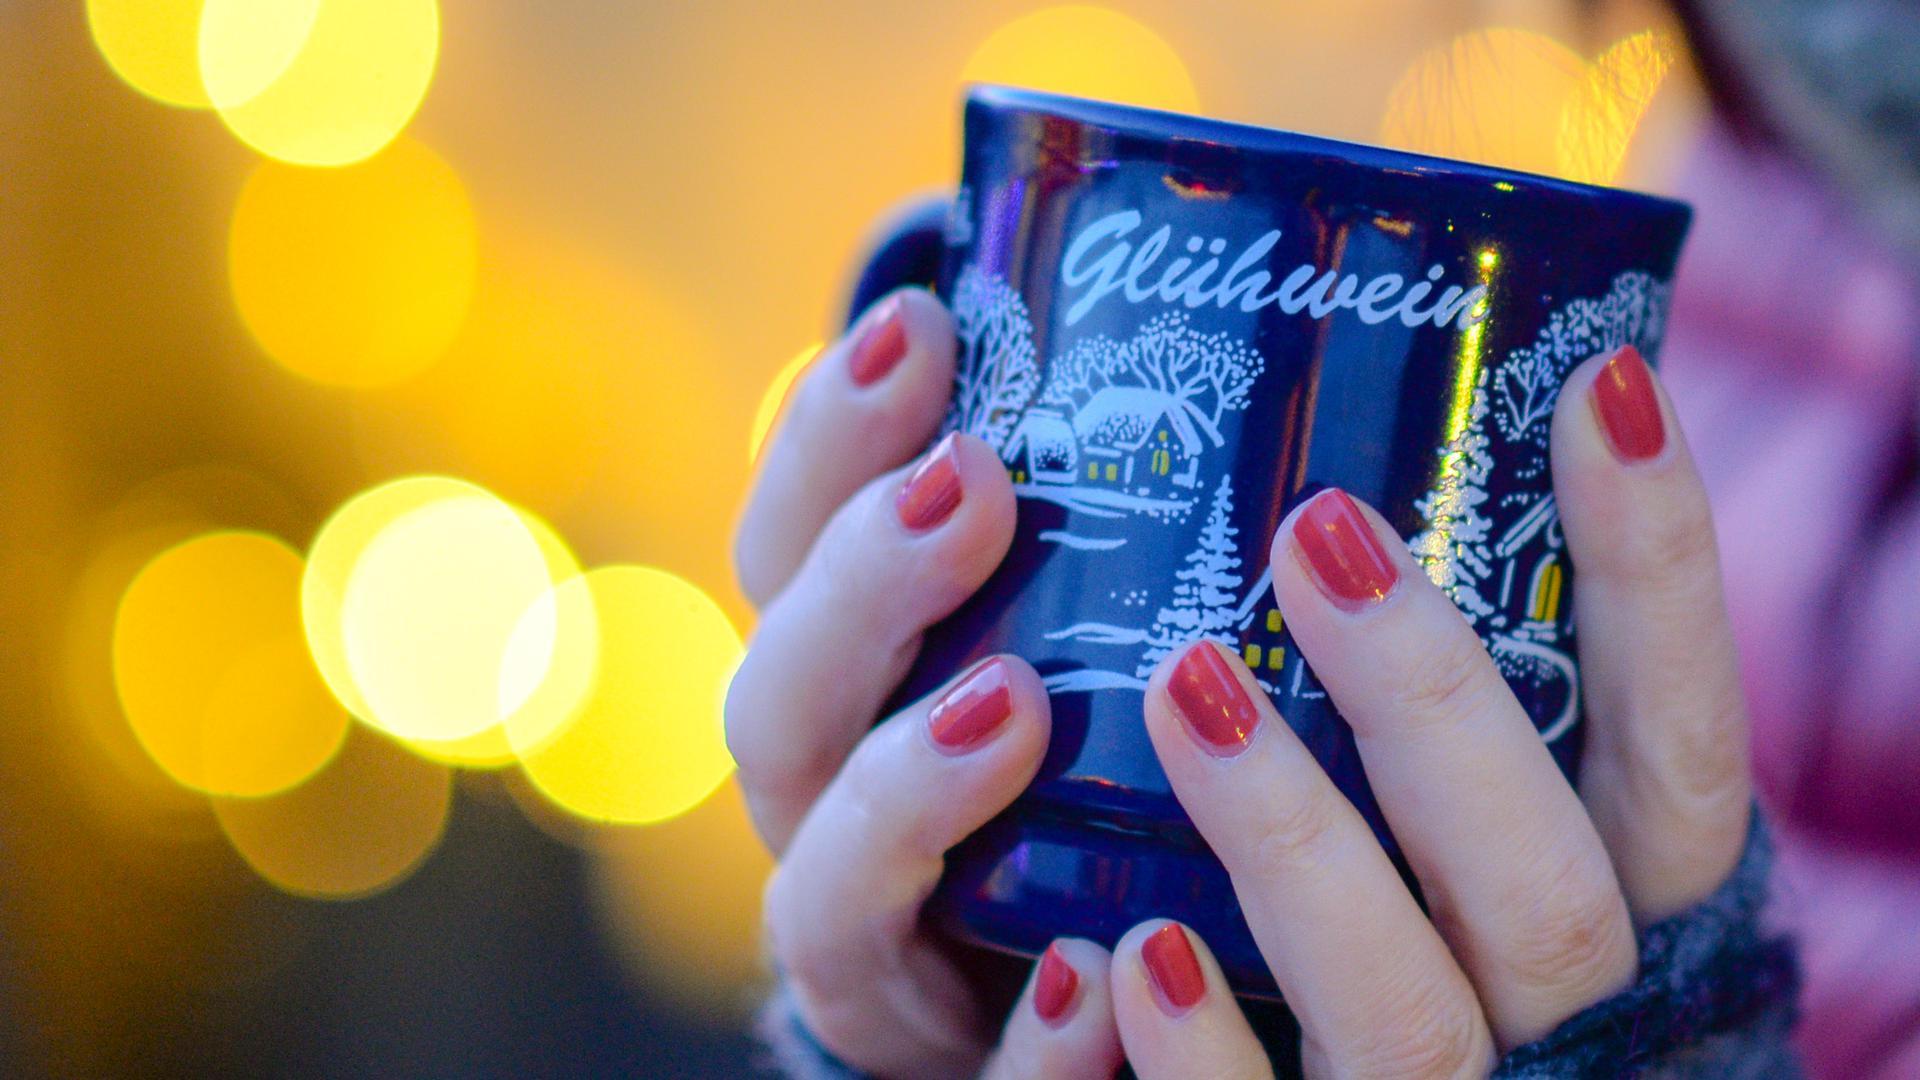 Der Klassiker auf dem Weihnachtsmarkt: Glühwein gehört für viele Menschen zur Vorweihnachtszeit.